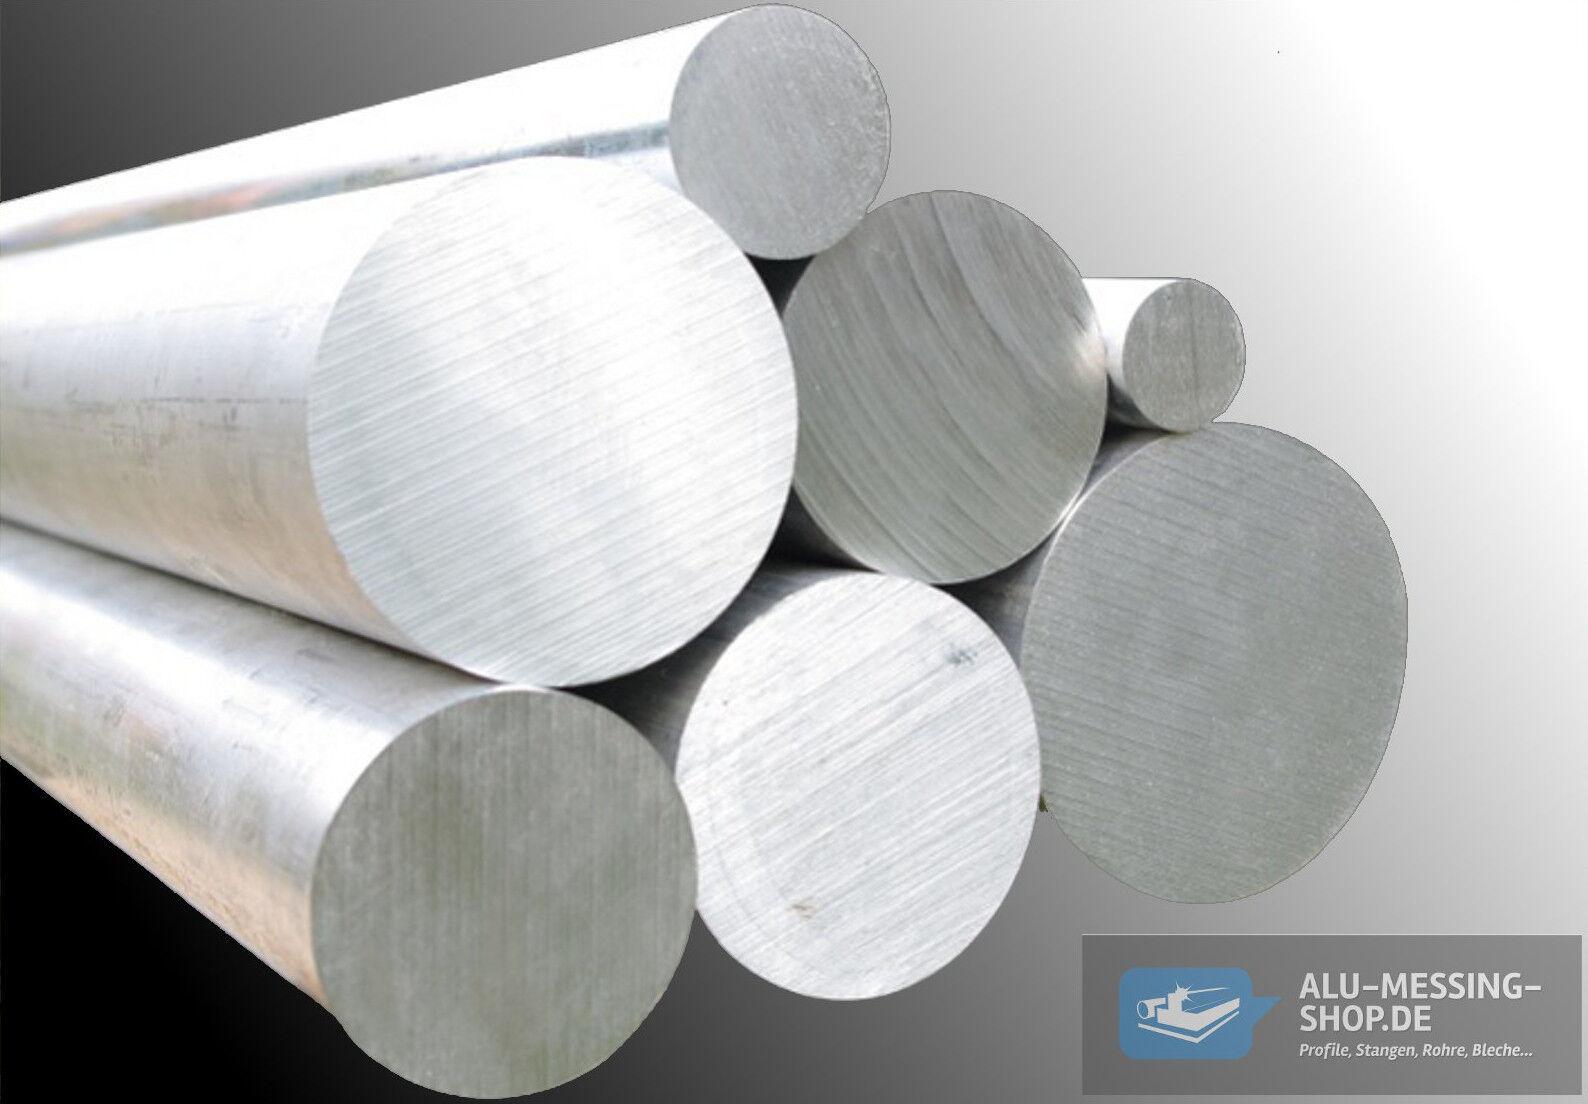 €//mtr 0,35 Sonderpreis Aluminium Rundrohr 6 x 1 mm Länge 700 mm 10 Stck =7 mtr